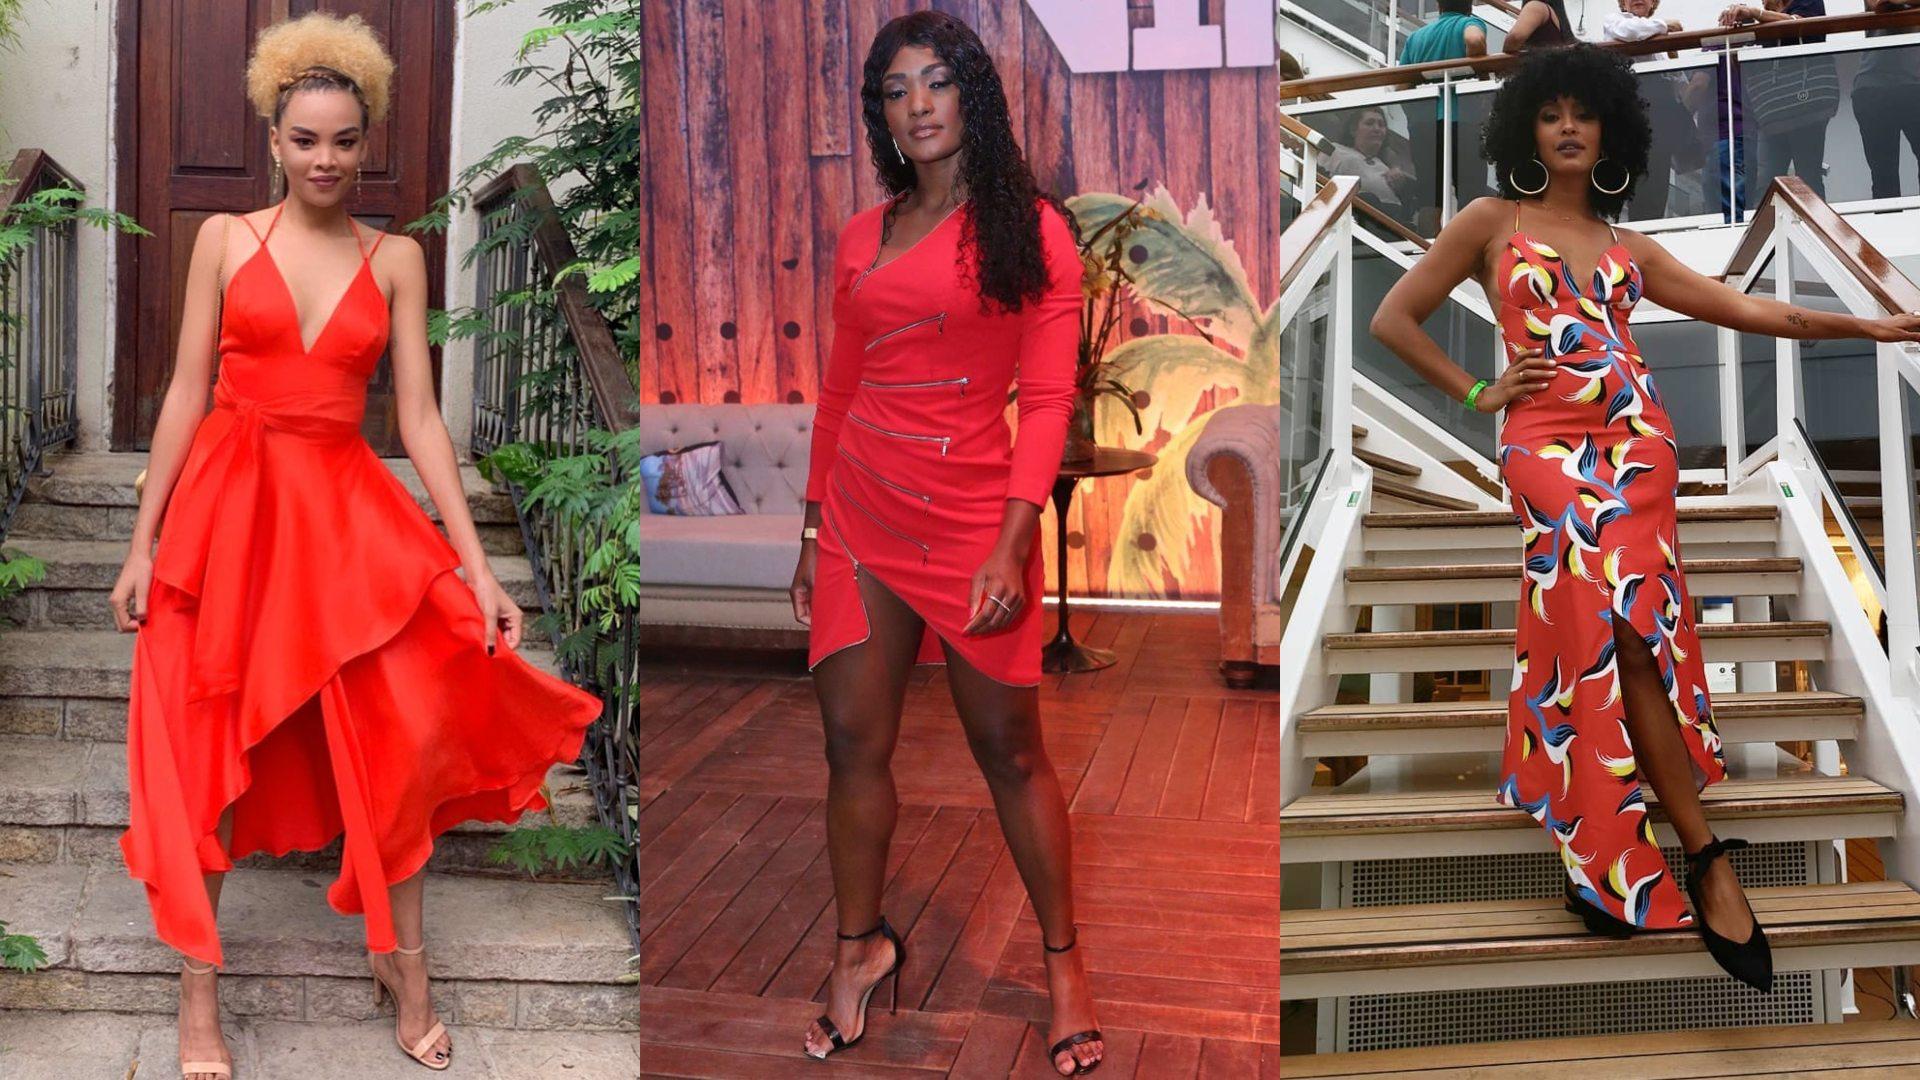 Lucy Ramos, Erika Janusa e Sheron Menezzes em vestidos vermelhos